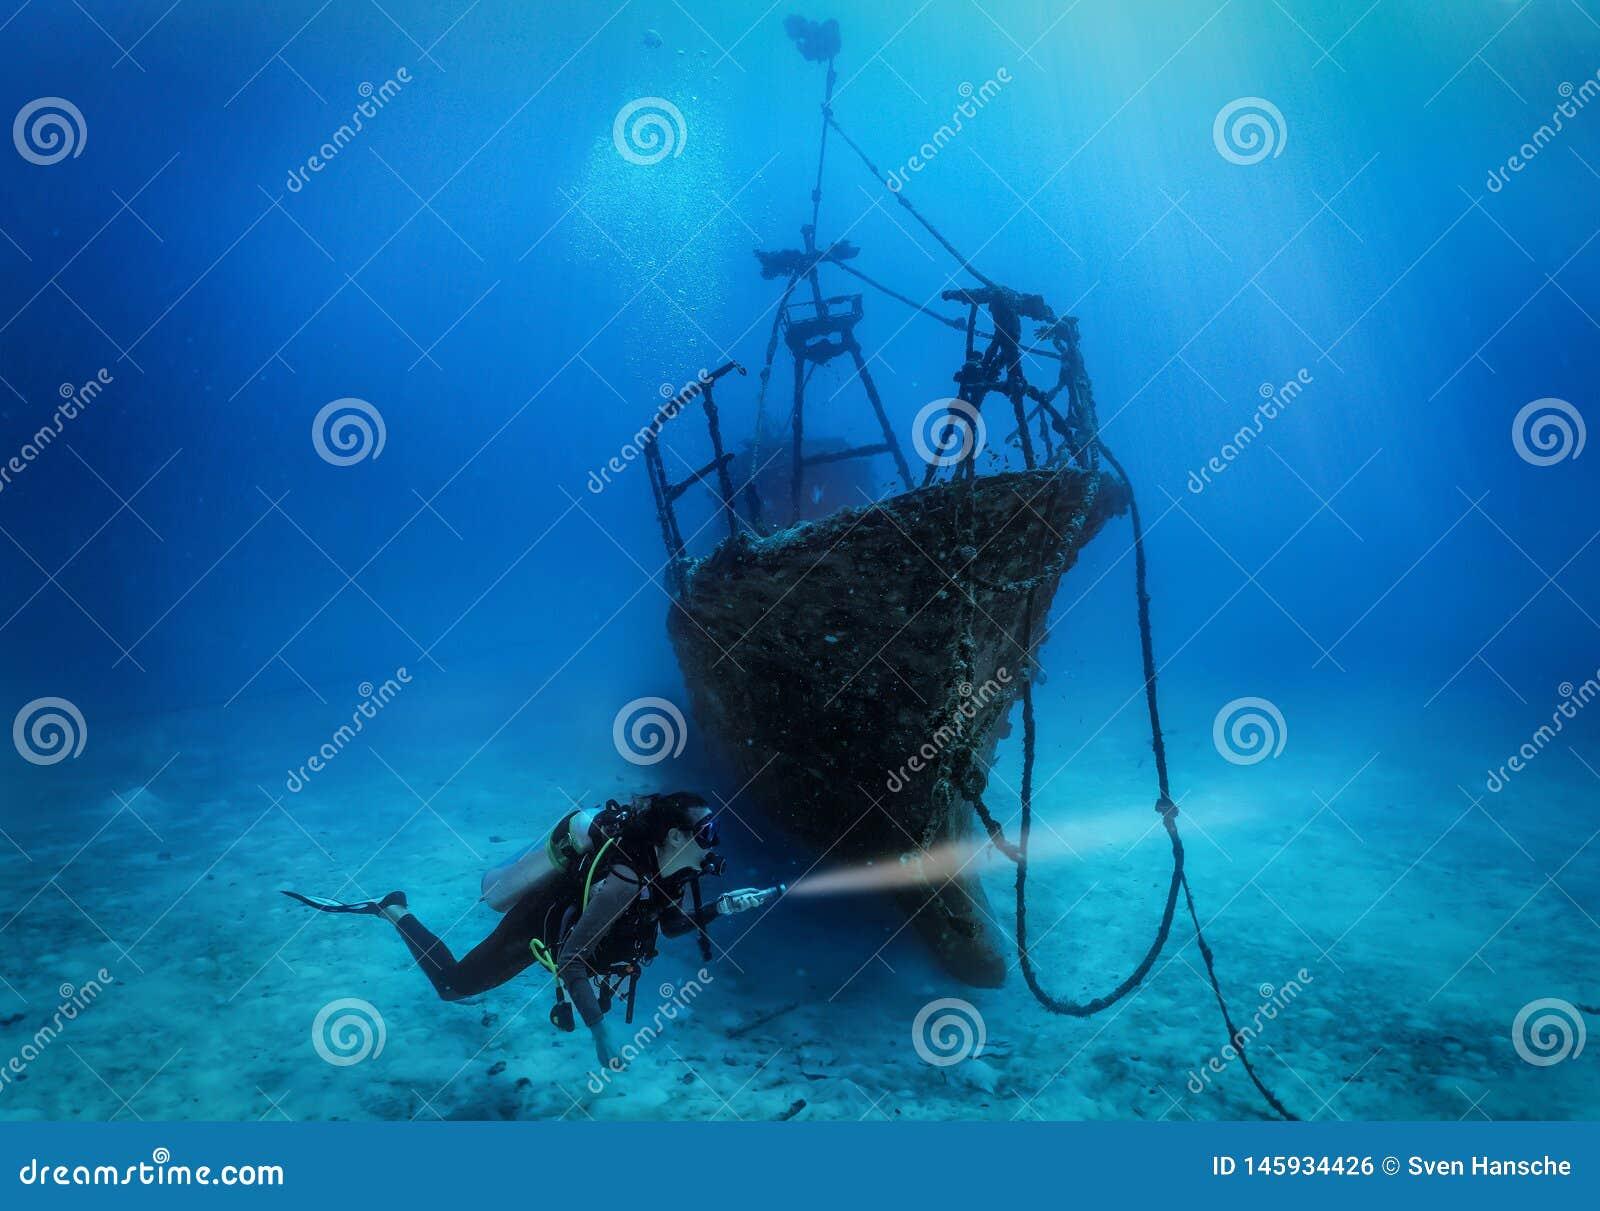 Un plongeur autonome féminin explore un naufrage submergé